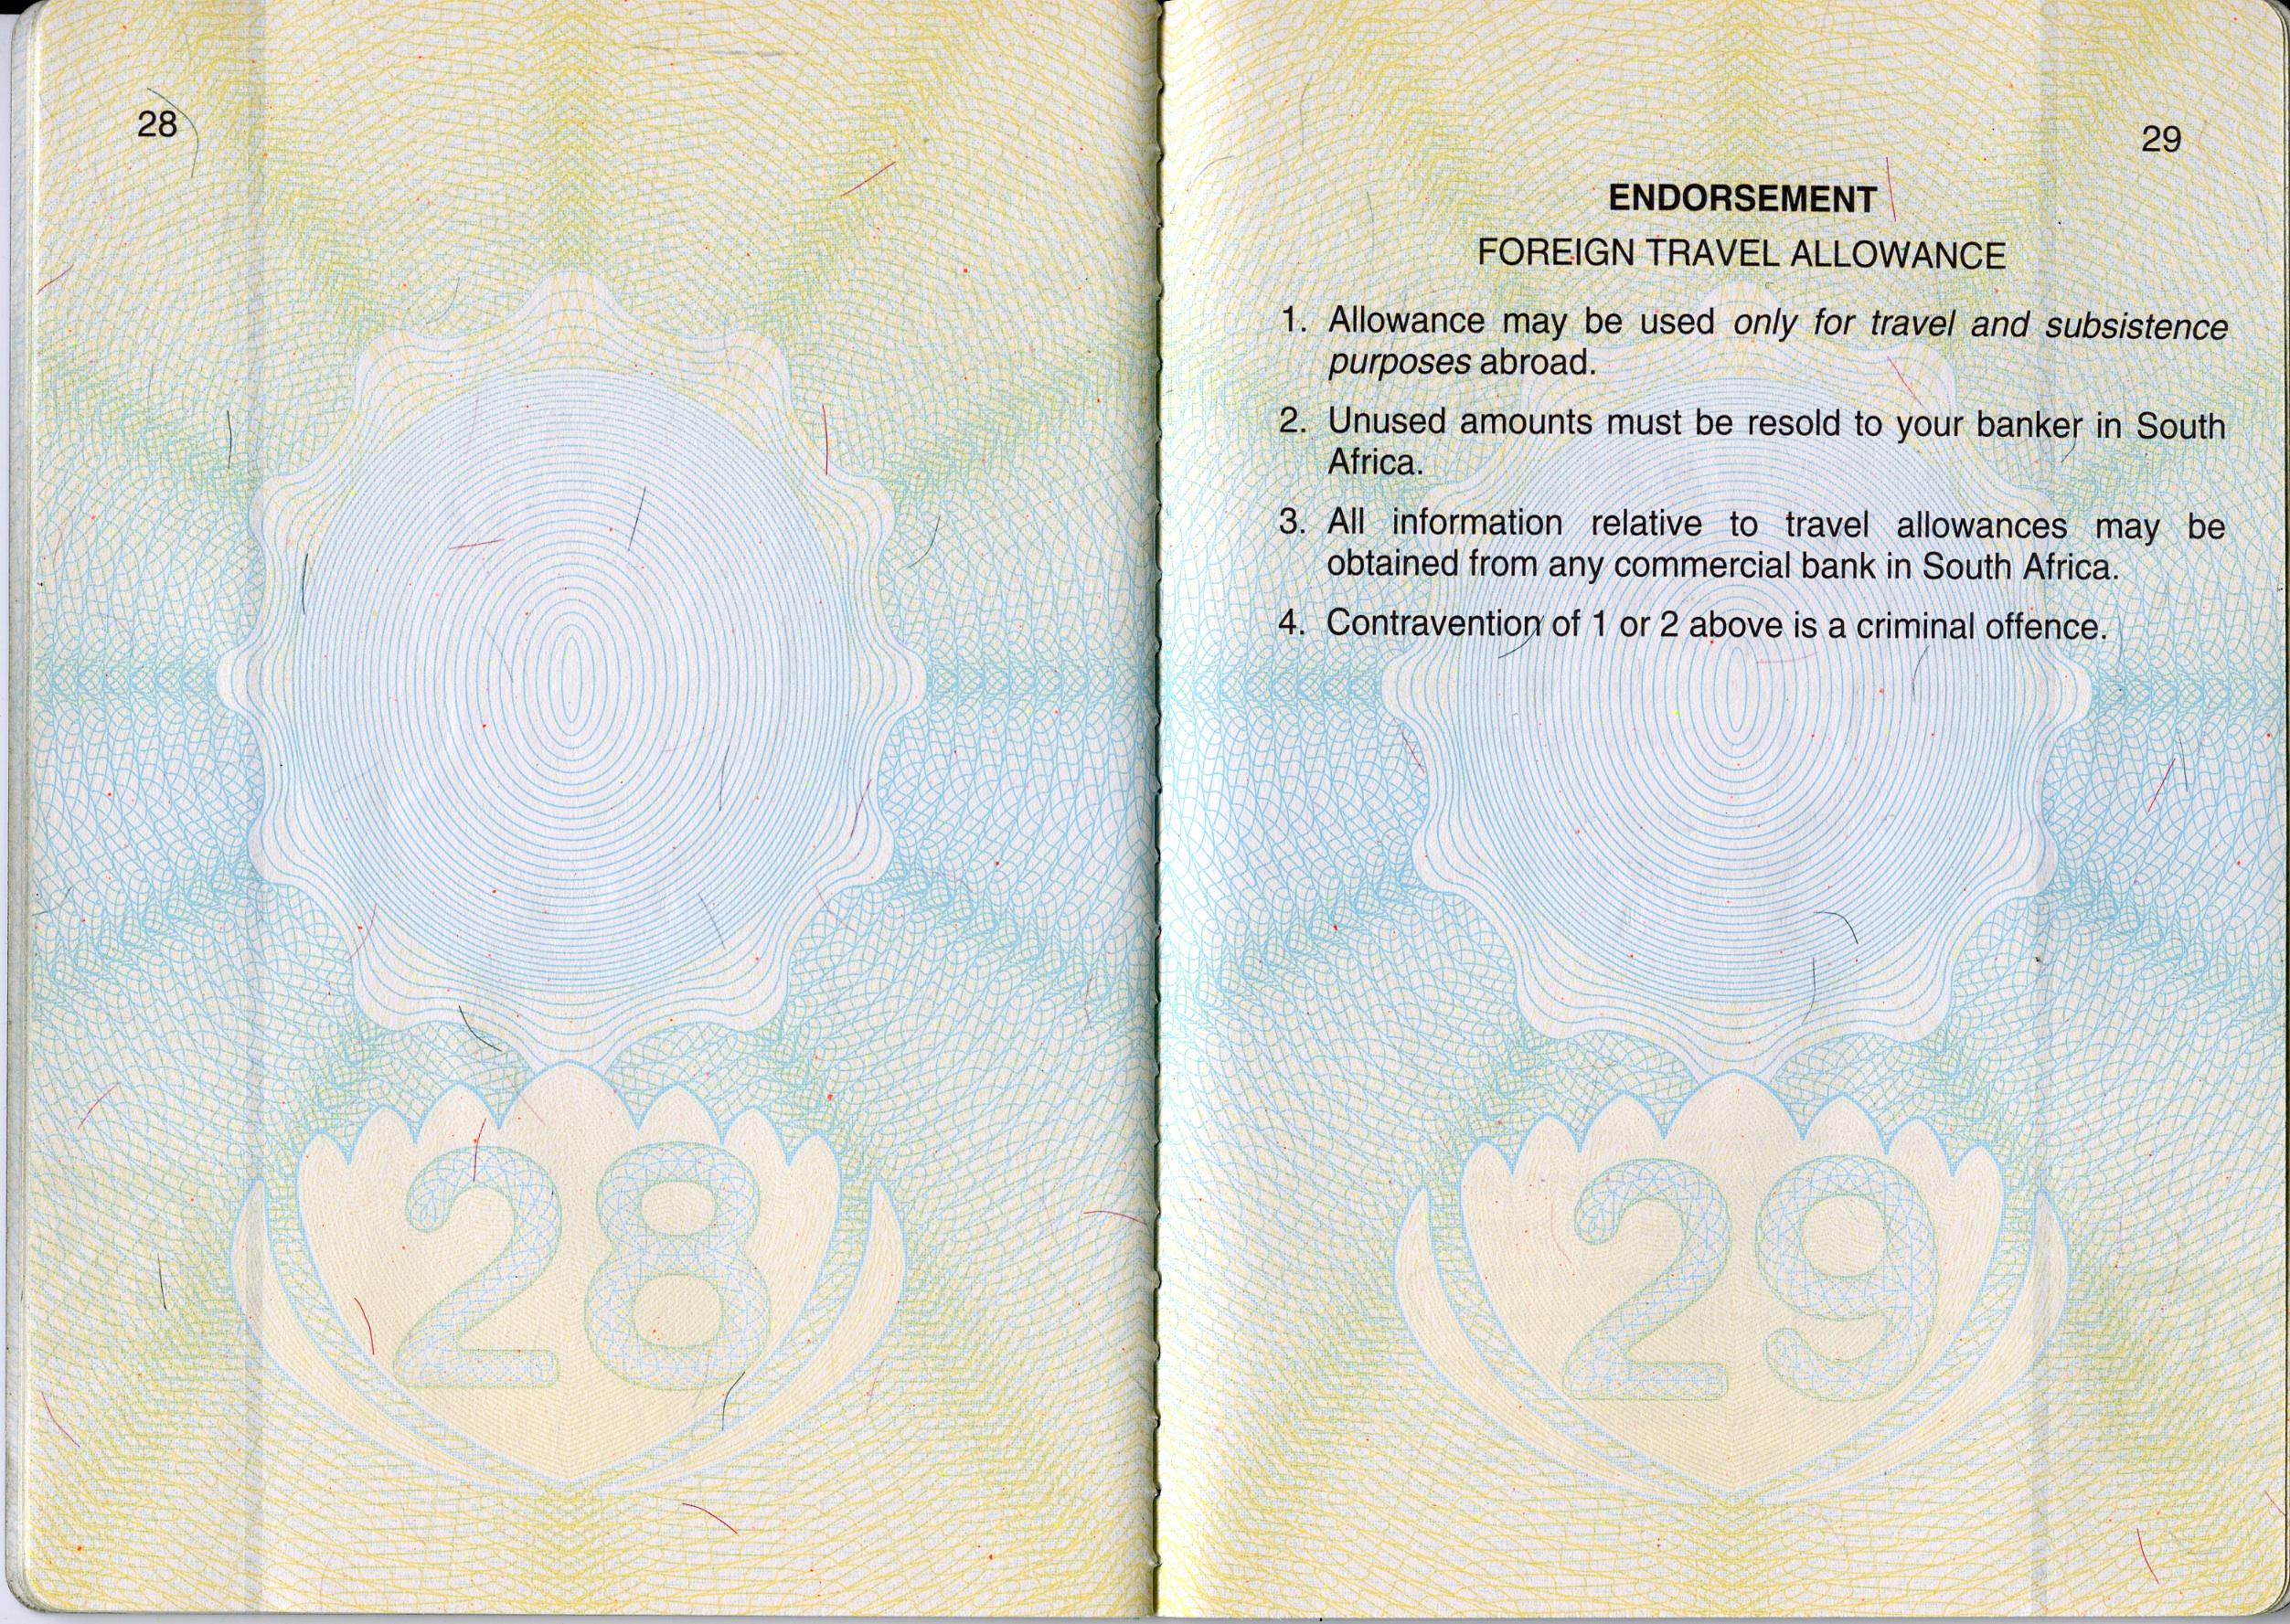 File:SA Passport 28-29.jpg - Wikipedia